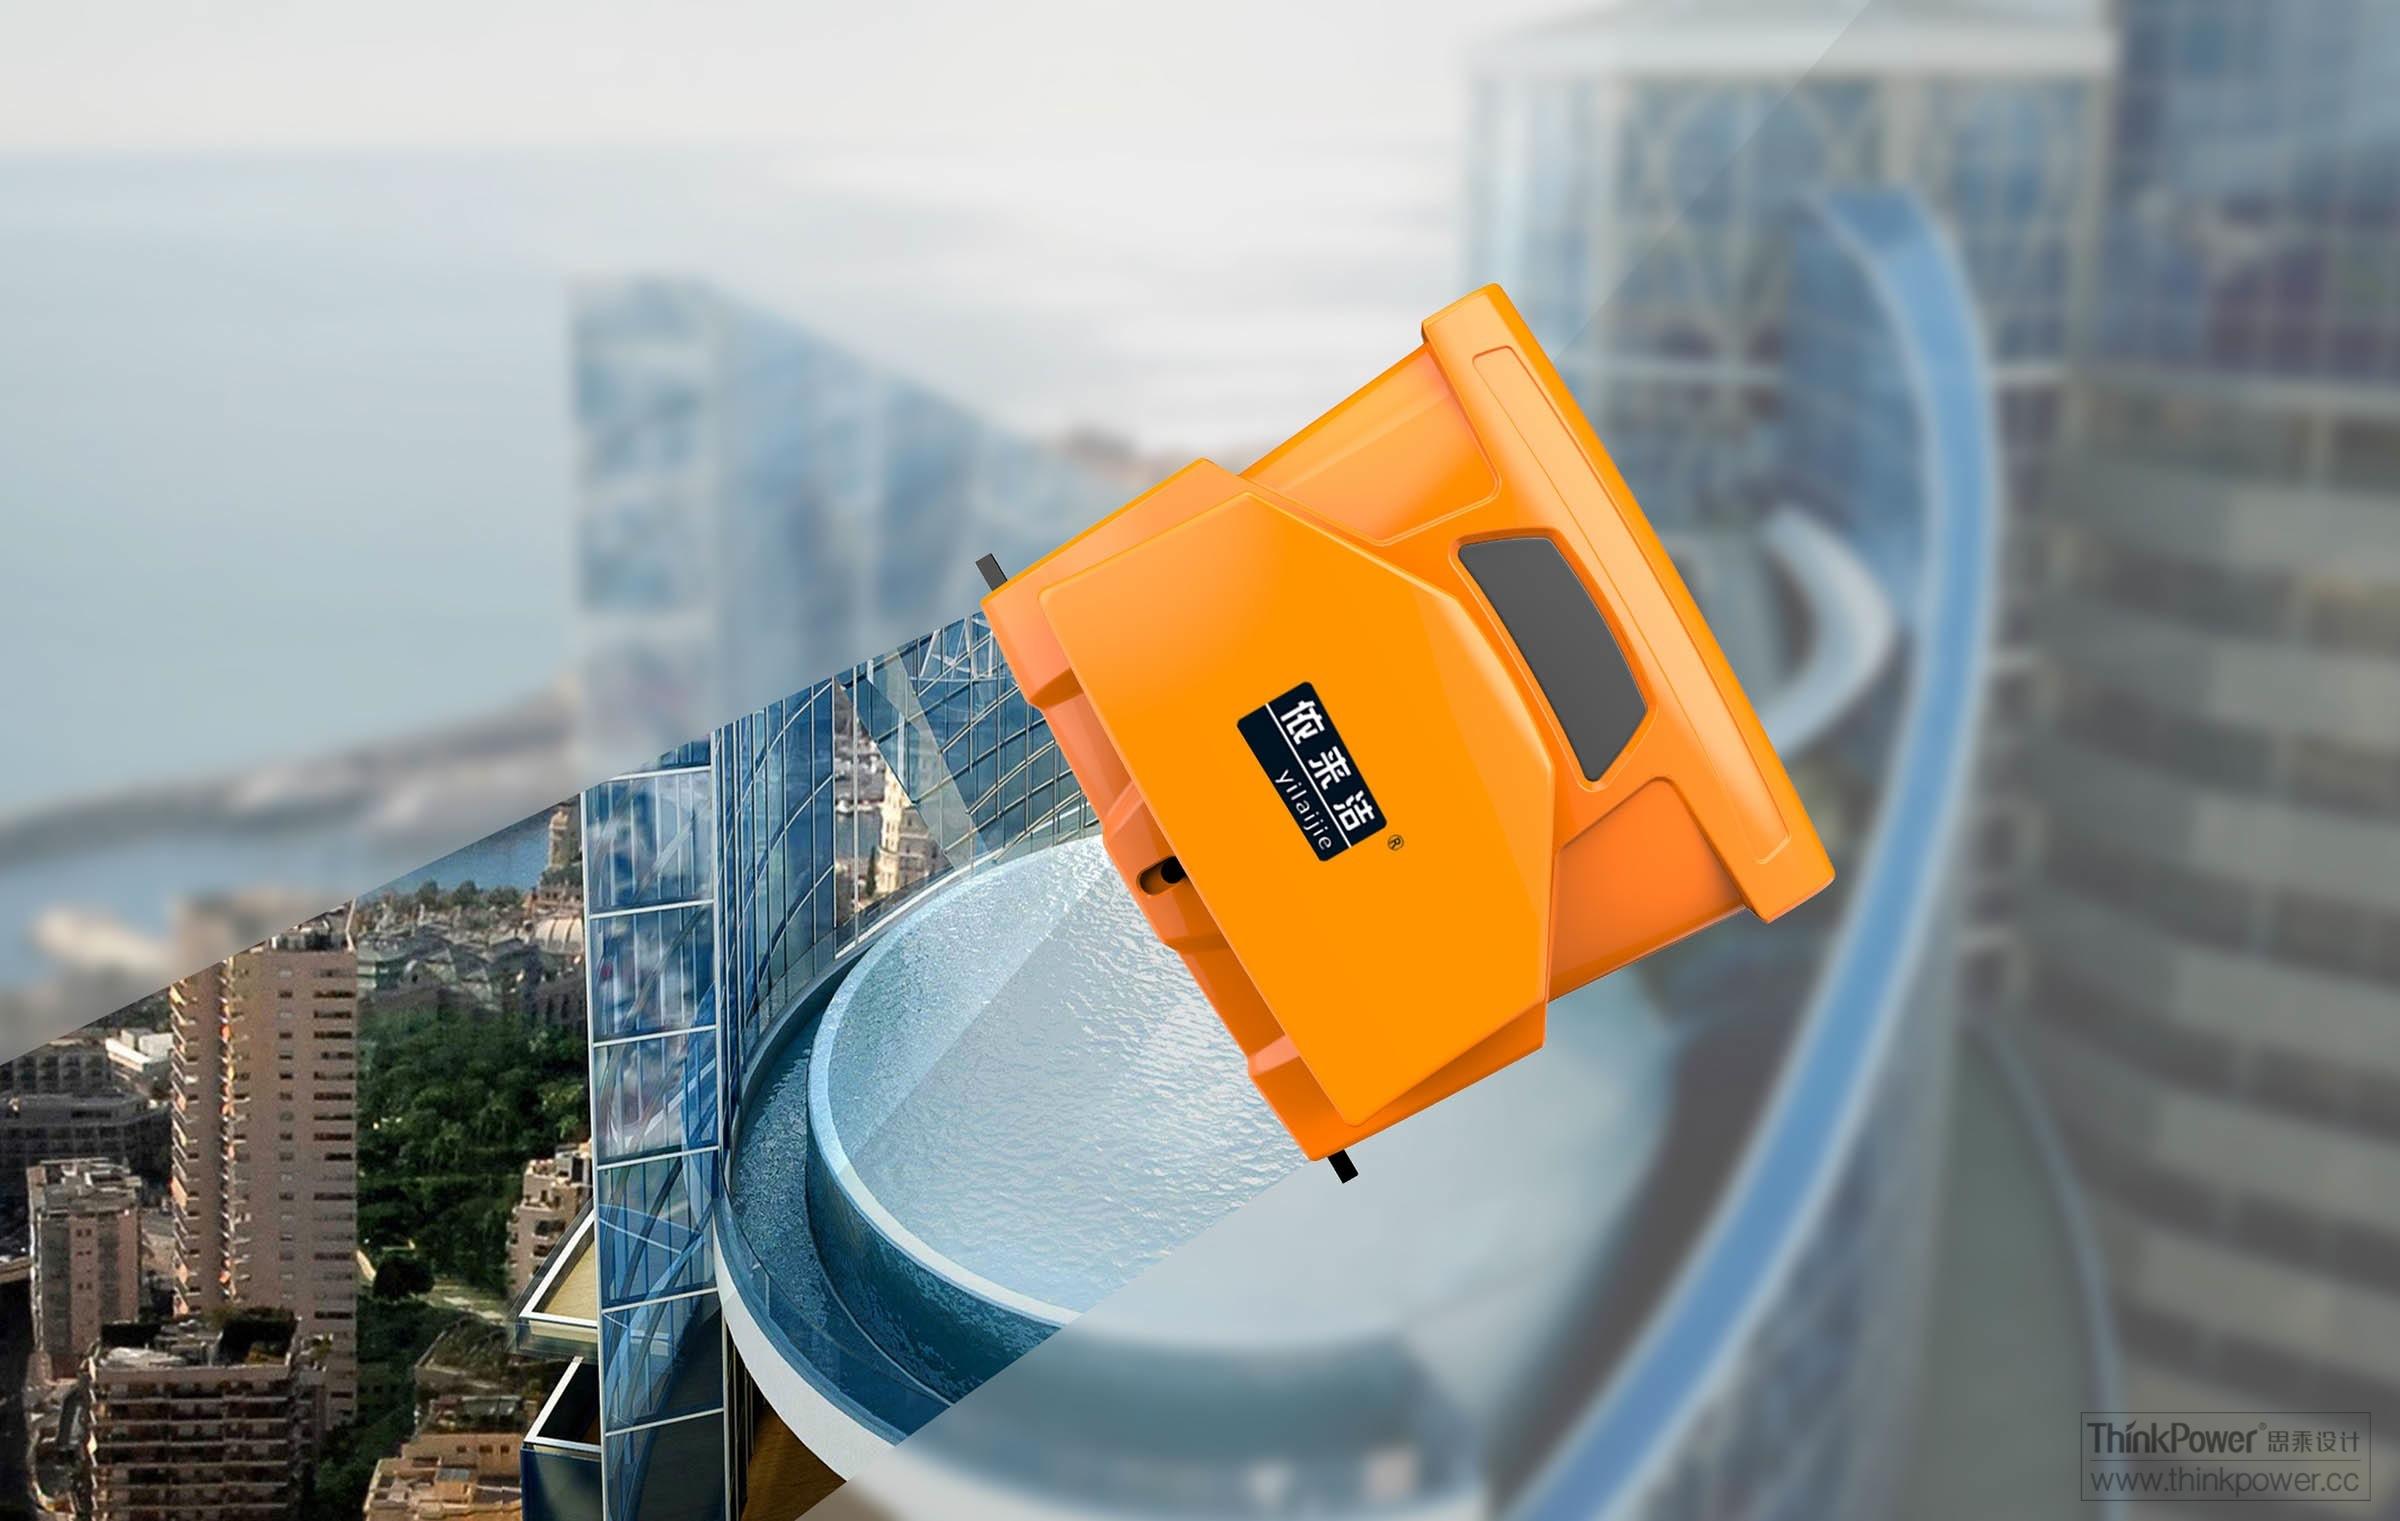 玻璃清洁器 - 其它产品 - 北京思乘创新工业设计有限